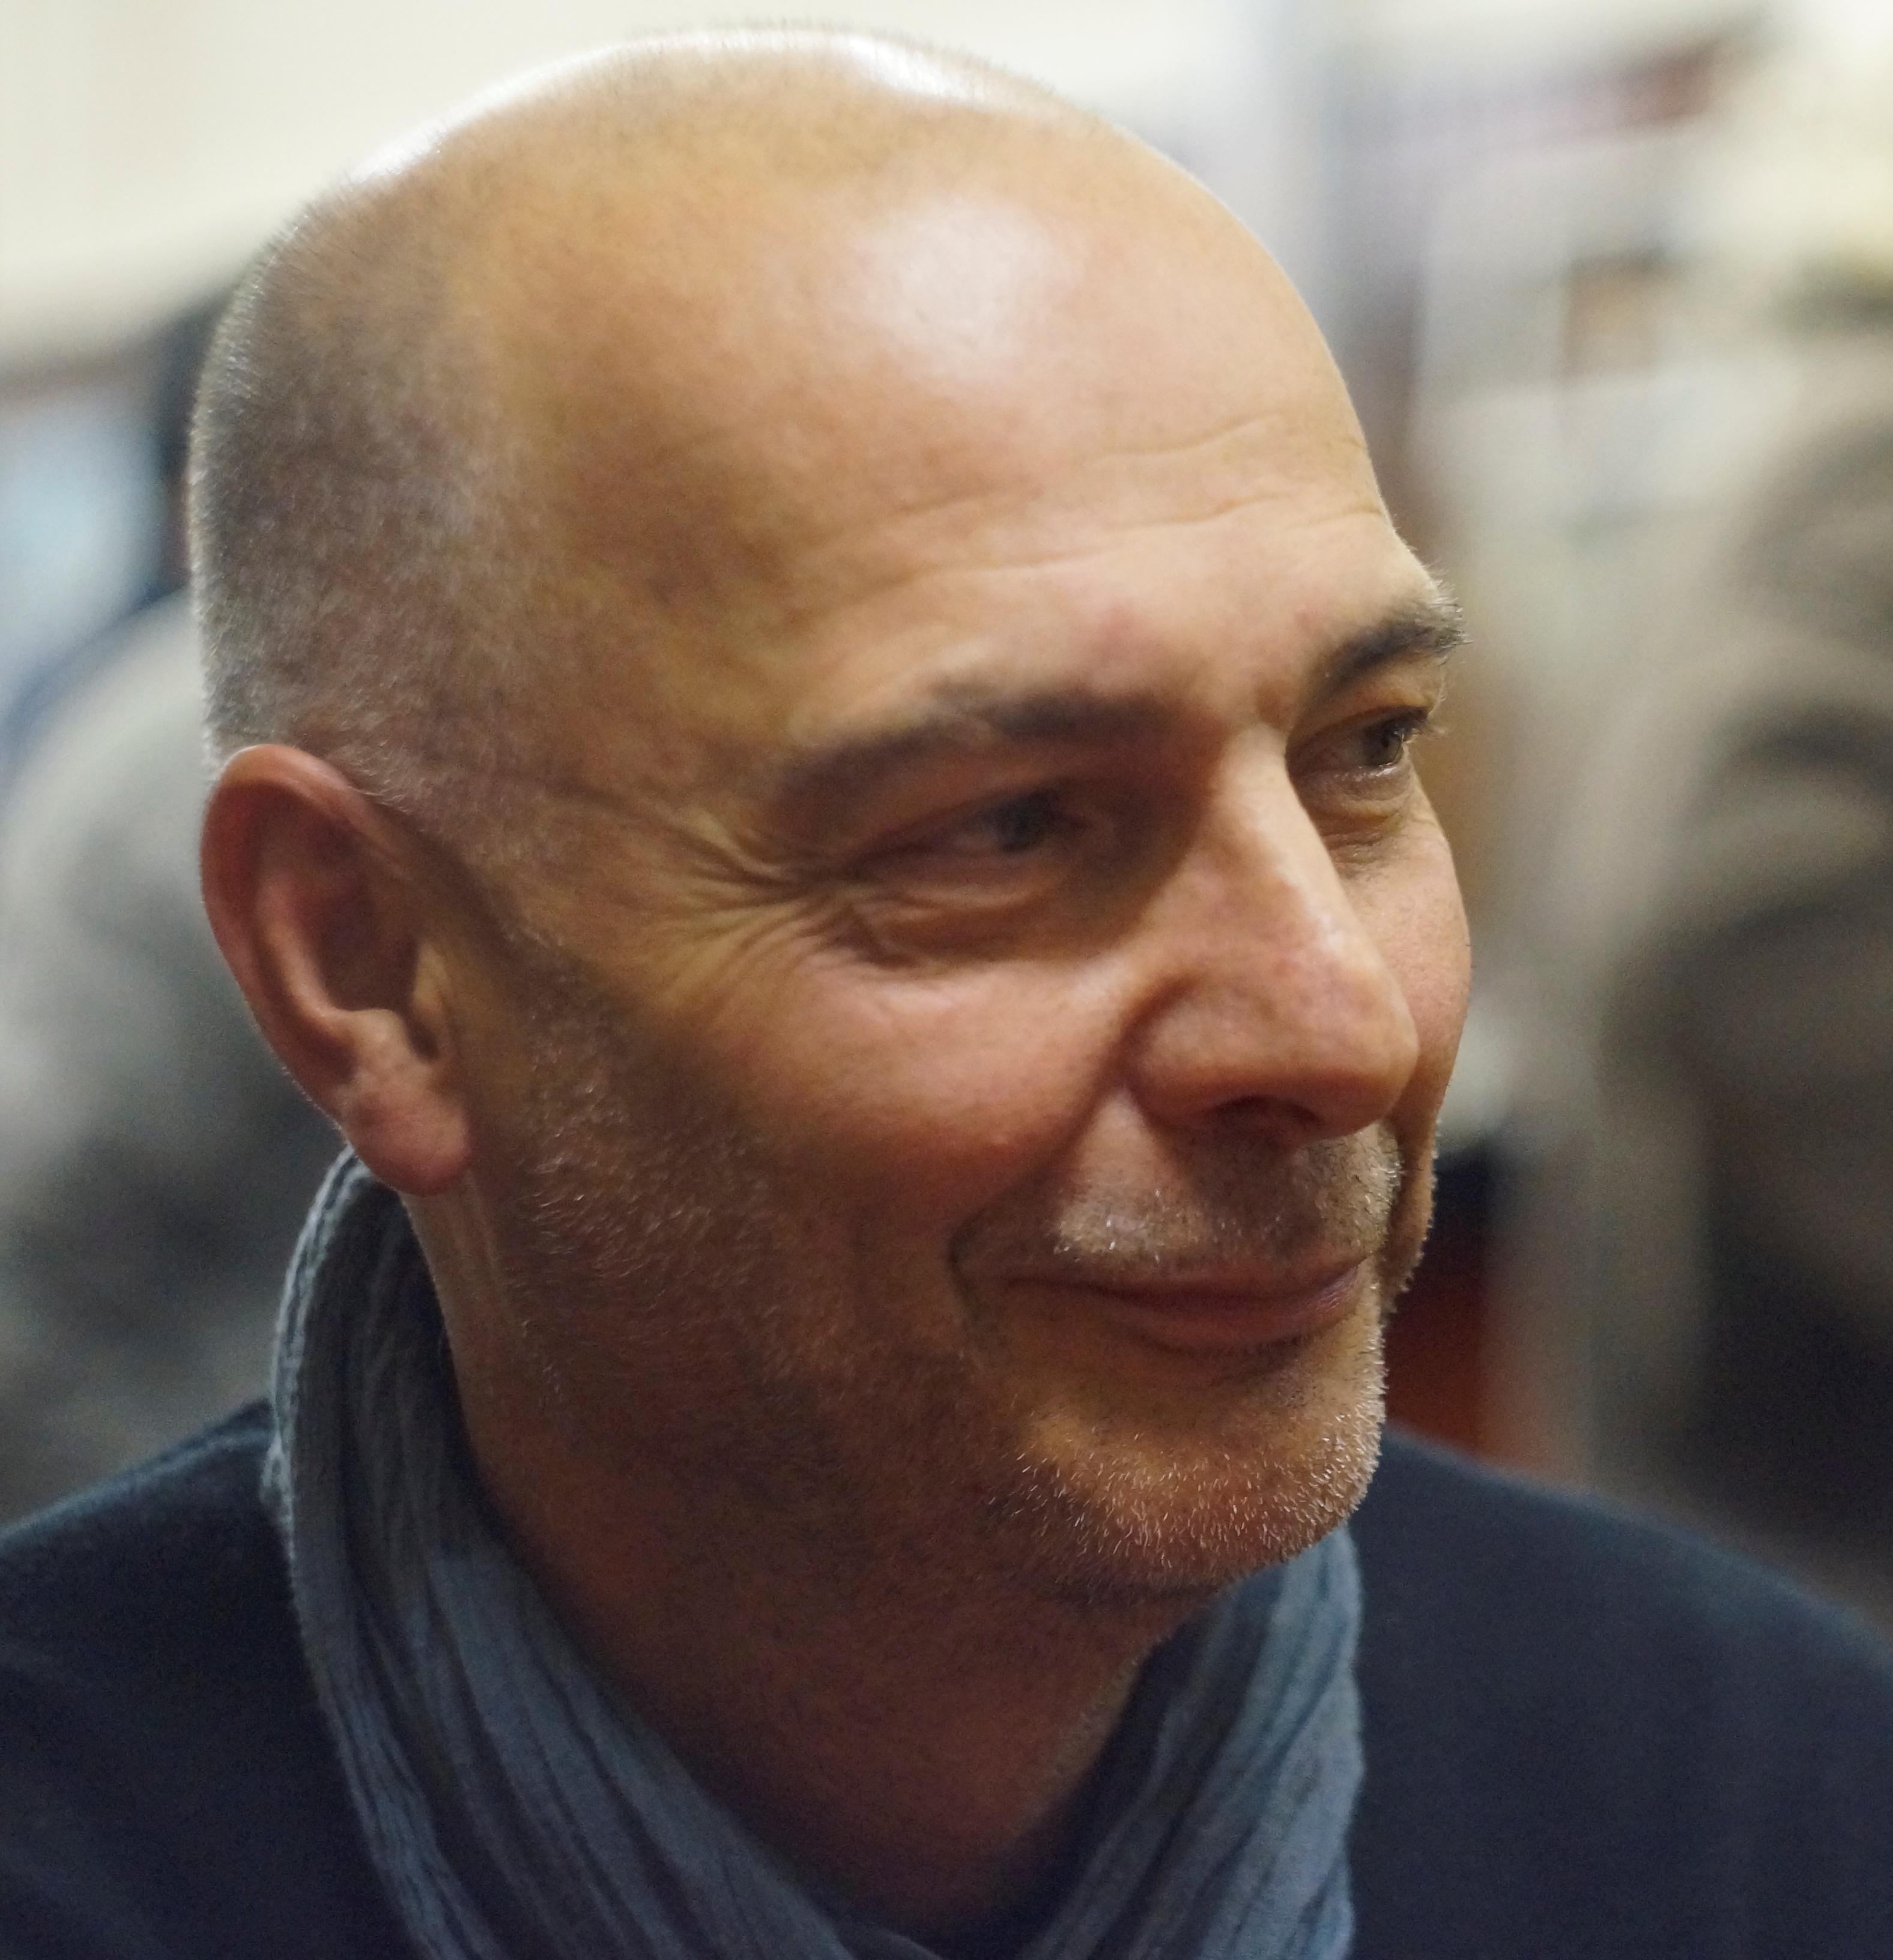 Jean Guillard